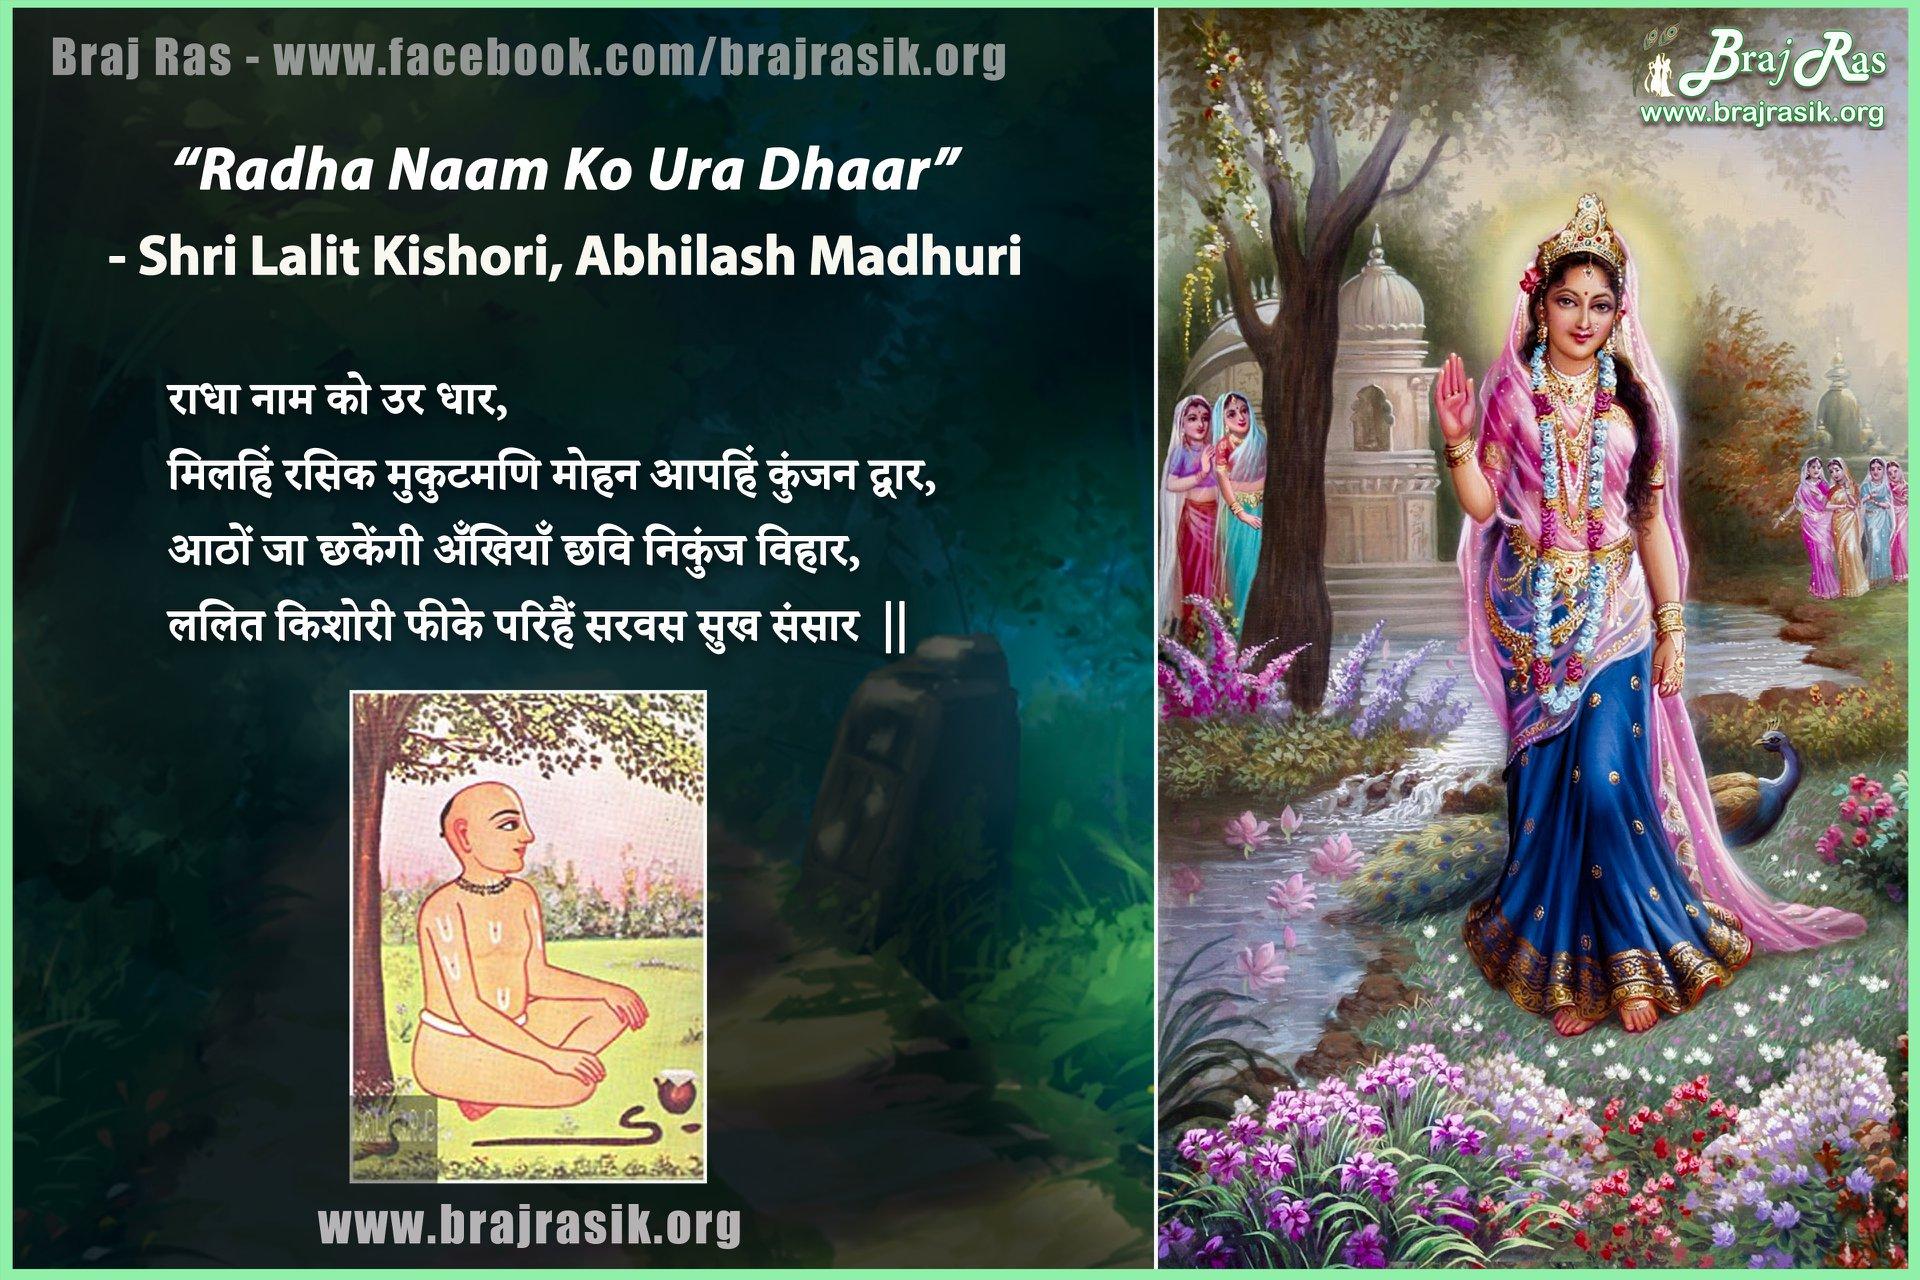 Radha Naam Ko Ur Dhar - Pada Written By Shri Lalit Kishori, Abhilash Madhuri